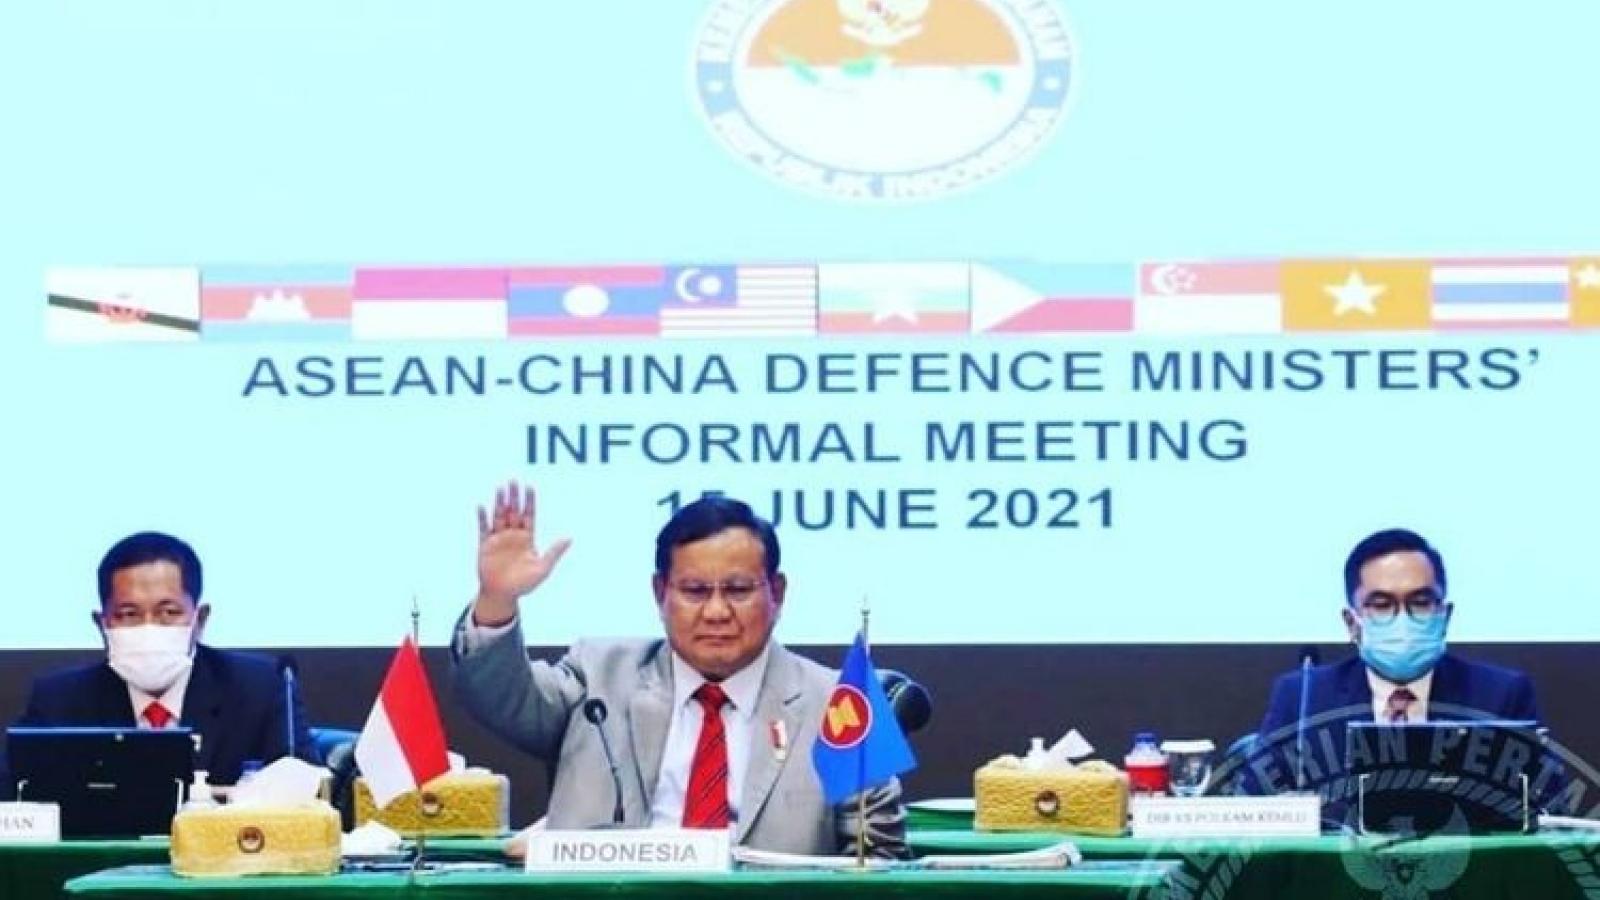 Bộ trưởng Quốc phòng Indonesia: ASEAN và Trung Quốc cần xây dựng COC thực chất